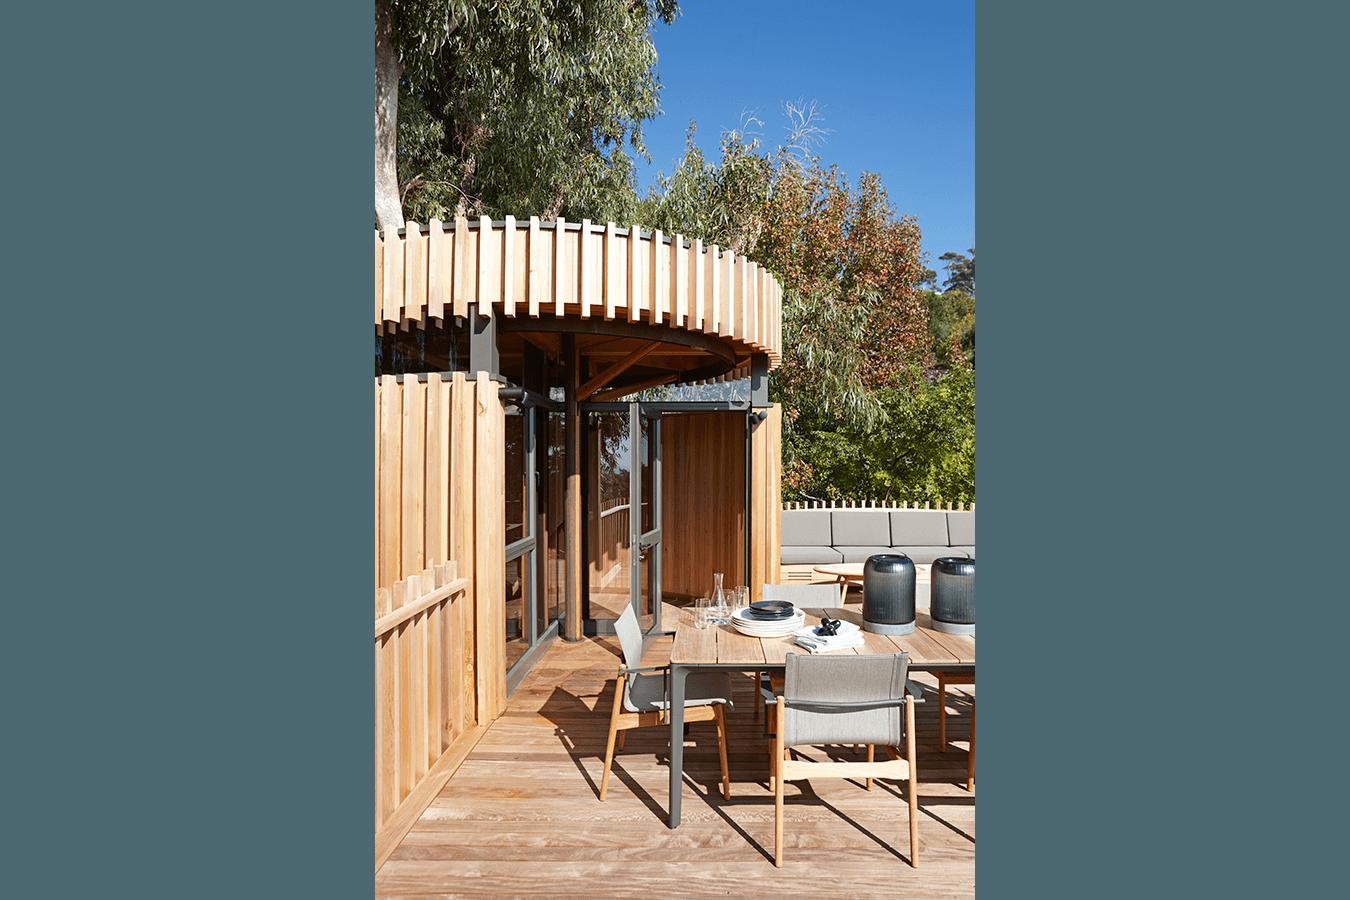 Malan-Vorster-Treehouse-022-Mickey-Hoyle